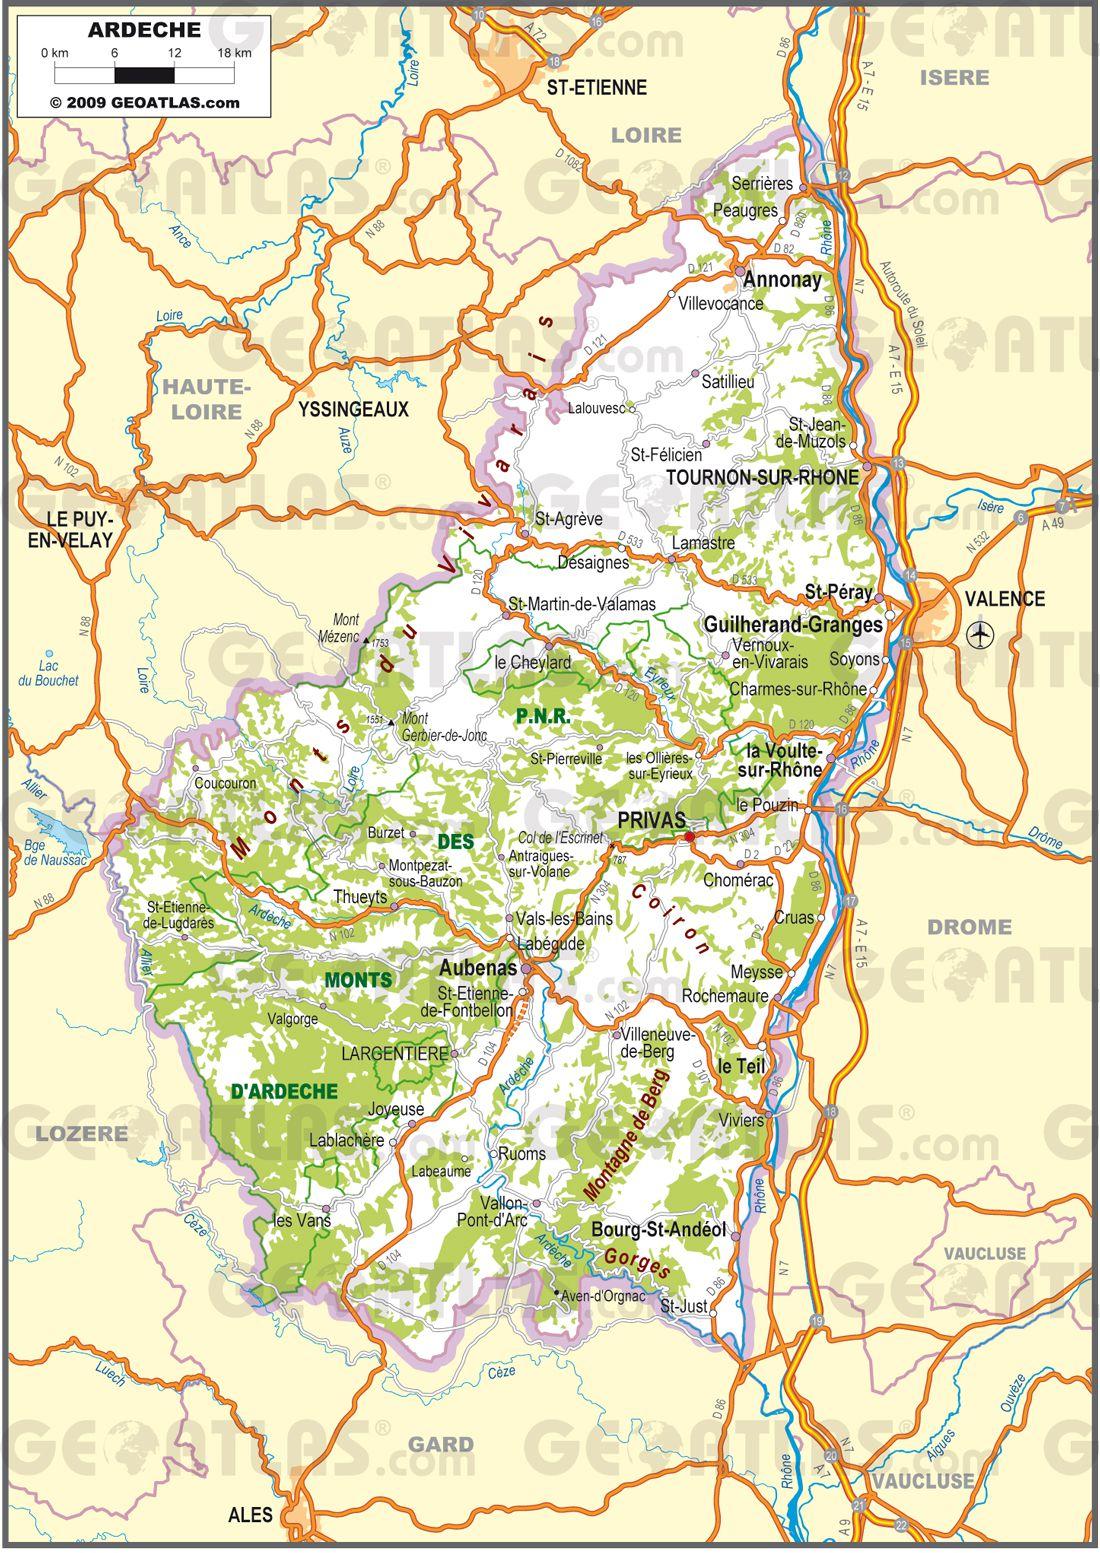 Carte routière de l'Ardèche